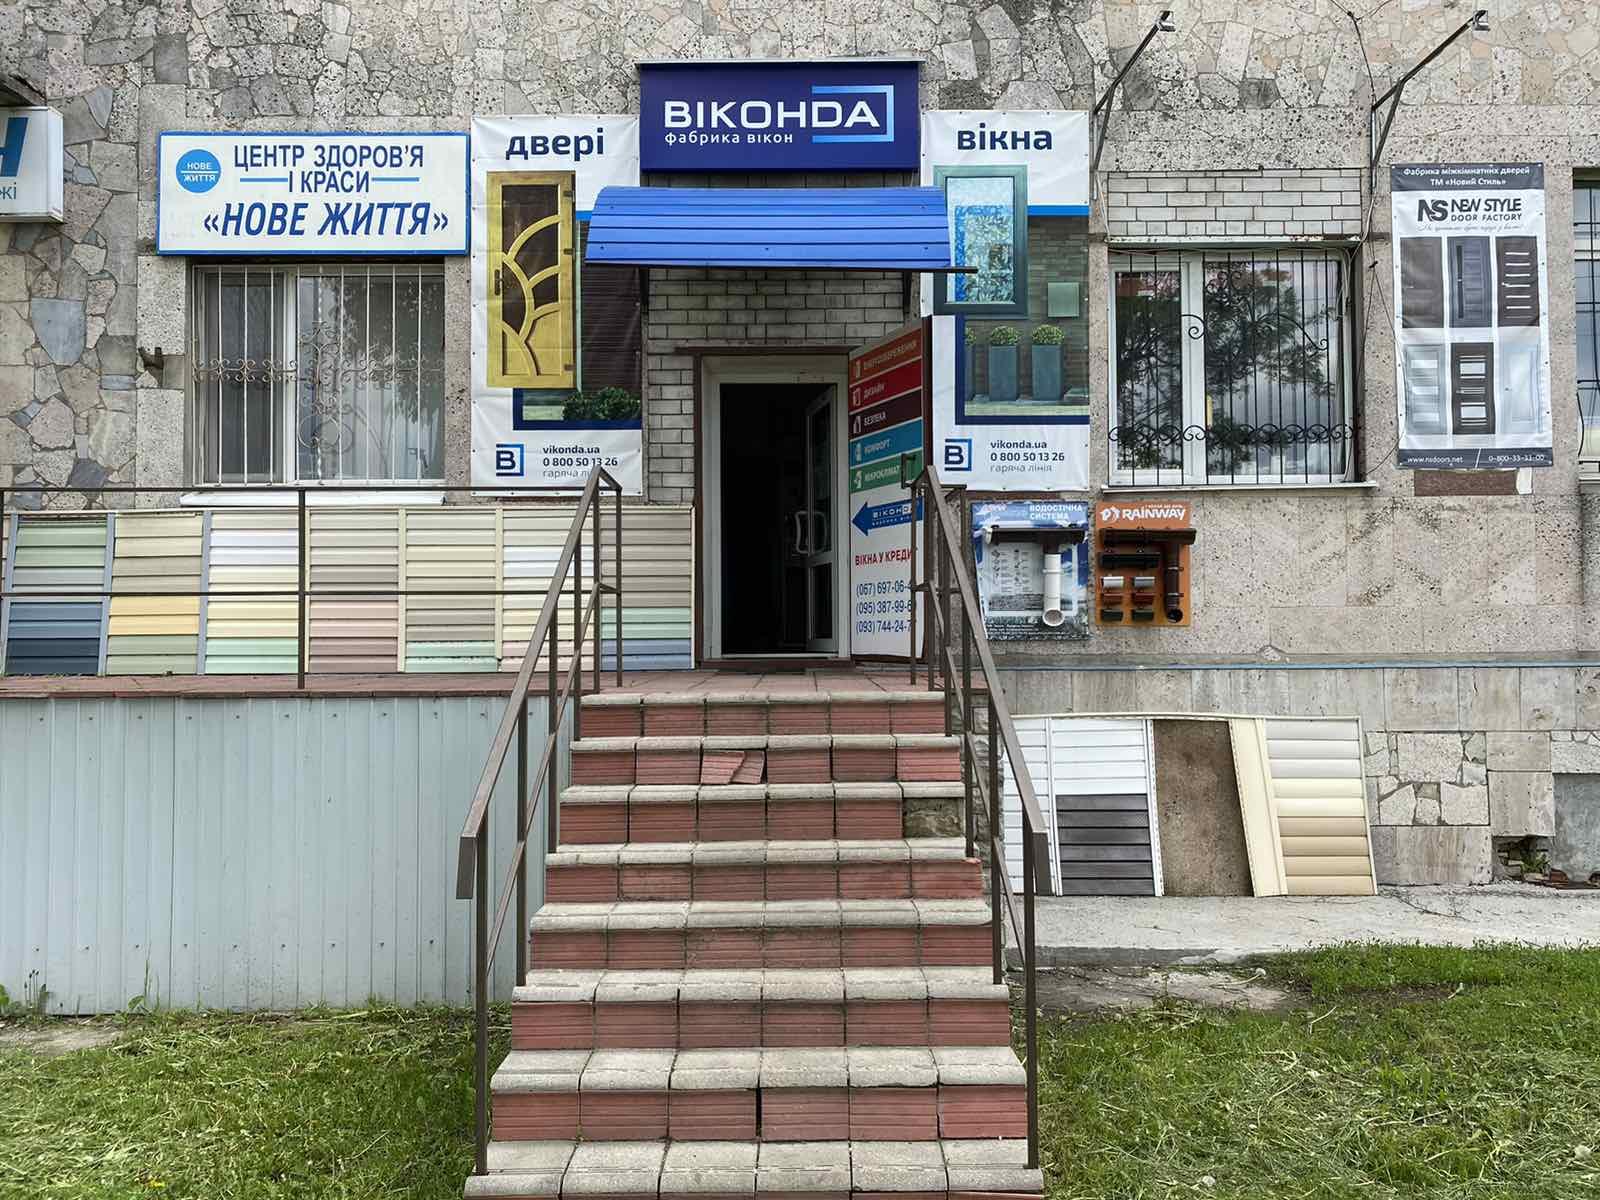 салон Віконда у Переяславі-Хмельницькому